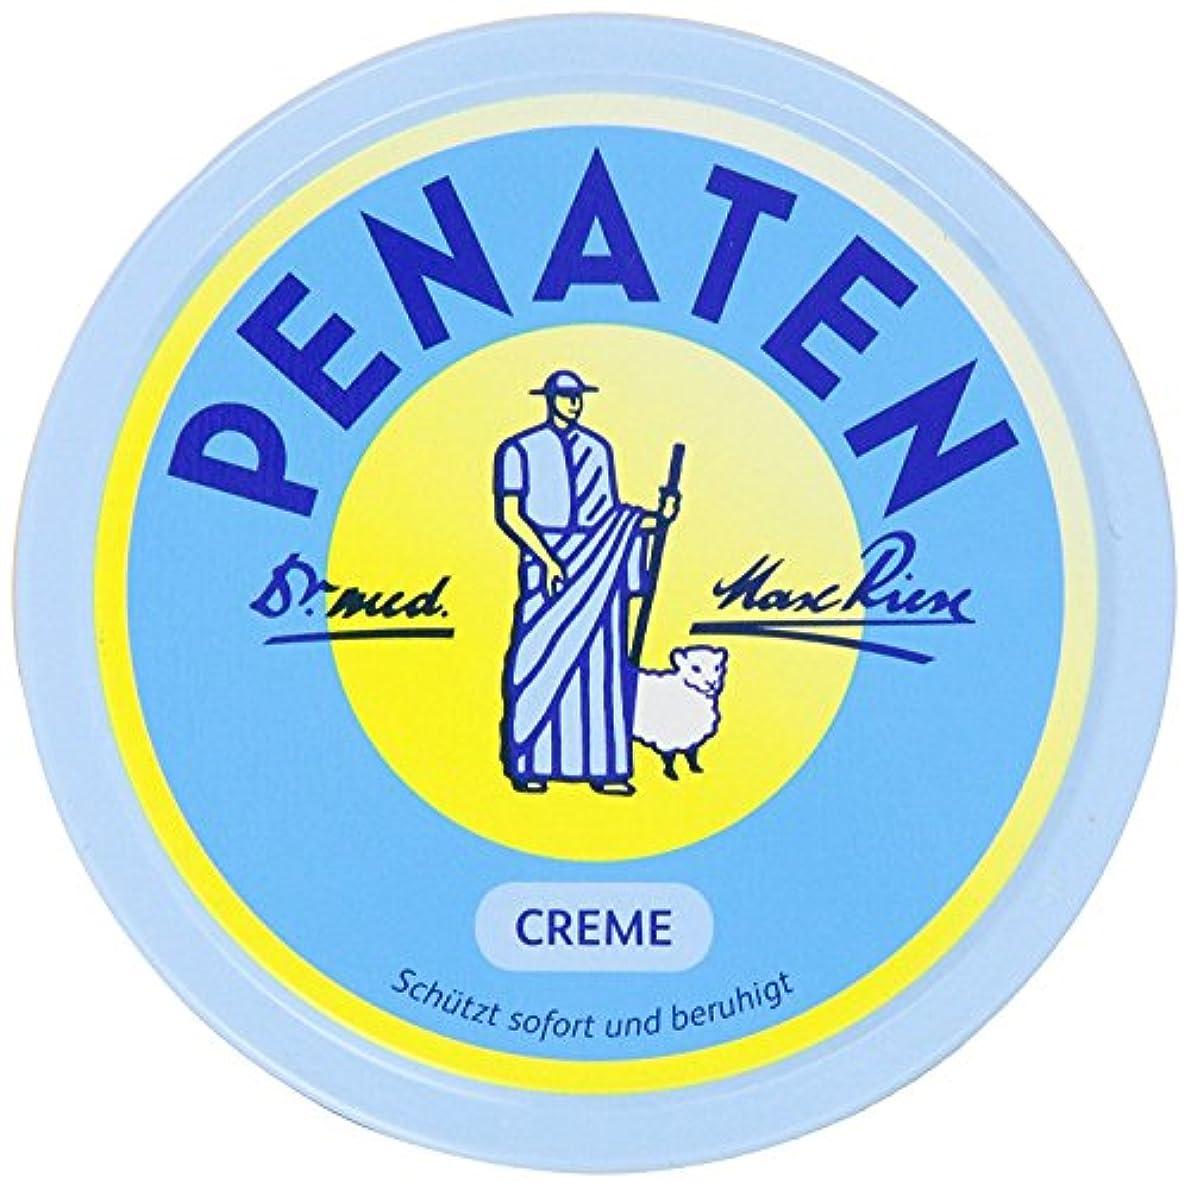 アカデミーゴール条件付き(ペナテン) Penaten Baby Creme 150 ml, 3er Pack (3 x 150 ml) (並行輸入品) shumaman